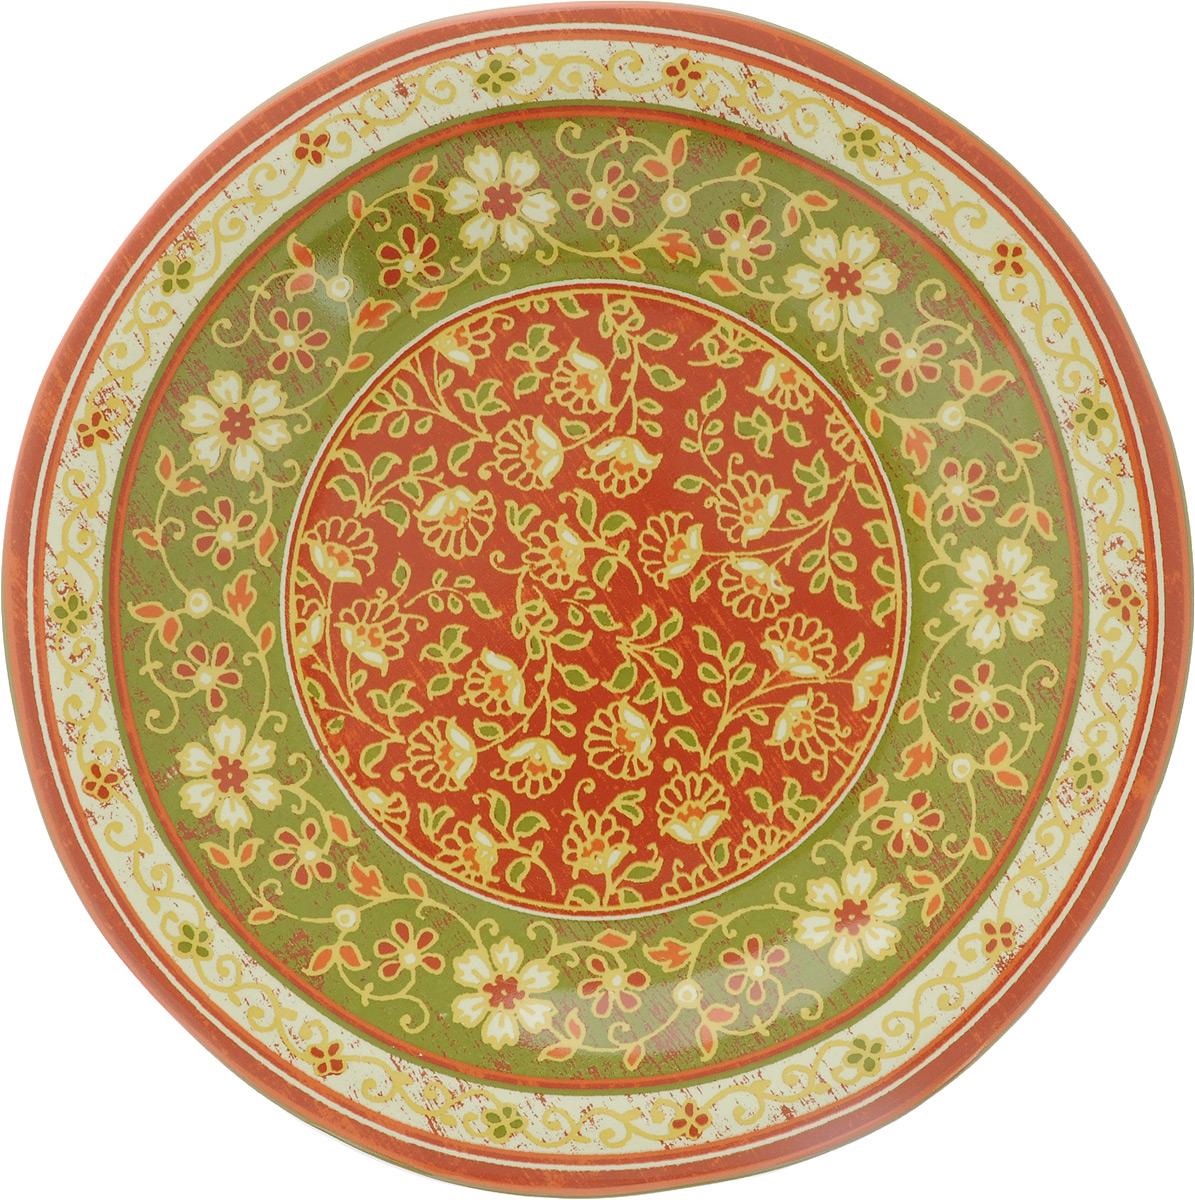 Тарелка десертная Sango Ceramics Кашмир, диаметр 23 смUTT41810Десертная тарелка Sango Ceramics Кашмир, изготовленная из высококачественной керамики, имеет изысканный внешний вид. Такая тарелка прекрасно подходит как для торжественных случаев, так и для повседневного использования. Идеальна для подачи десертов, пирожных, тортов и многого другого. Она прекрасно оформит стол и станет отличным дополнением к вашей коллекции кухонной посуды.Можно использовать в посудомоечной машине и СВЧ.Диаметр тарелки: 23 см.Высота тарелки: 3 см.